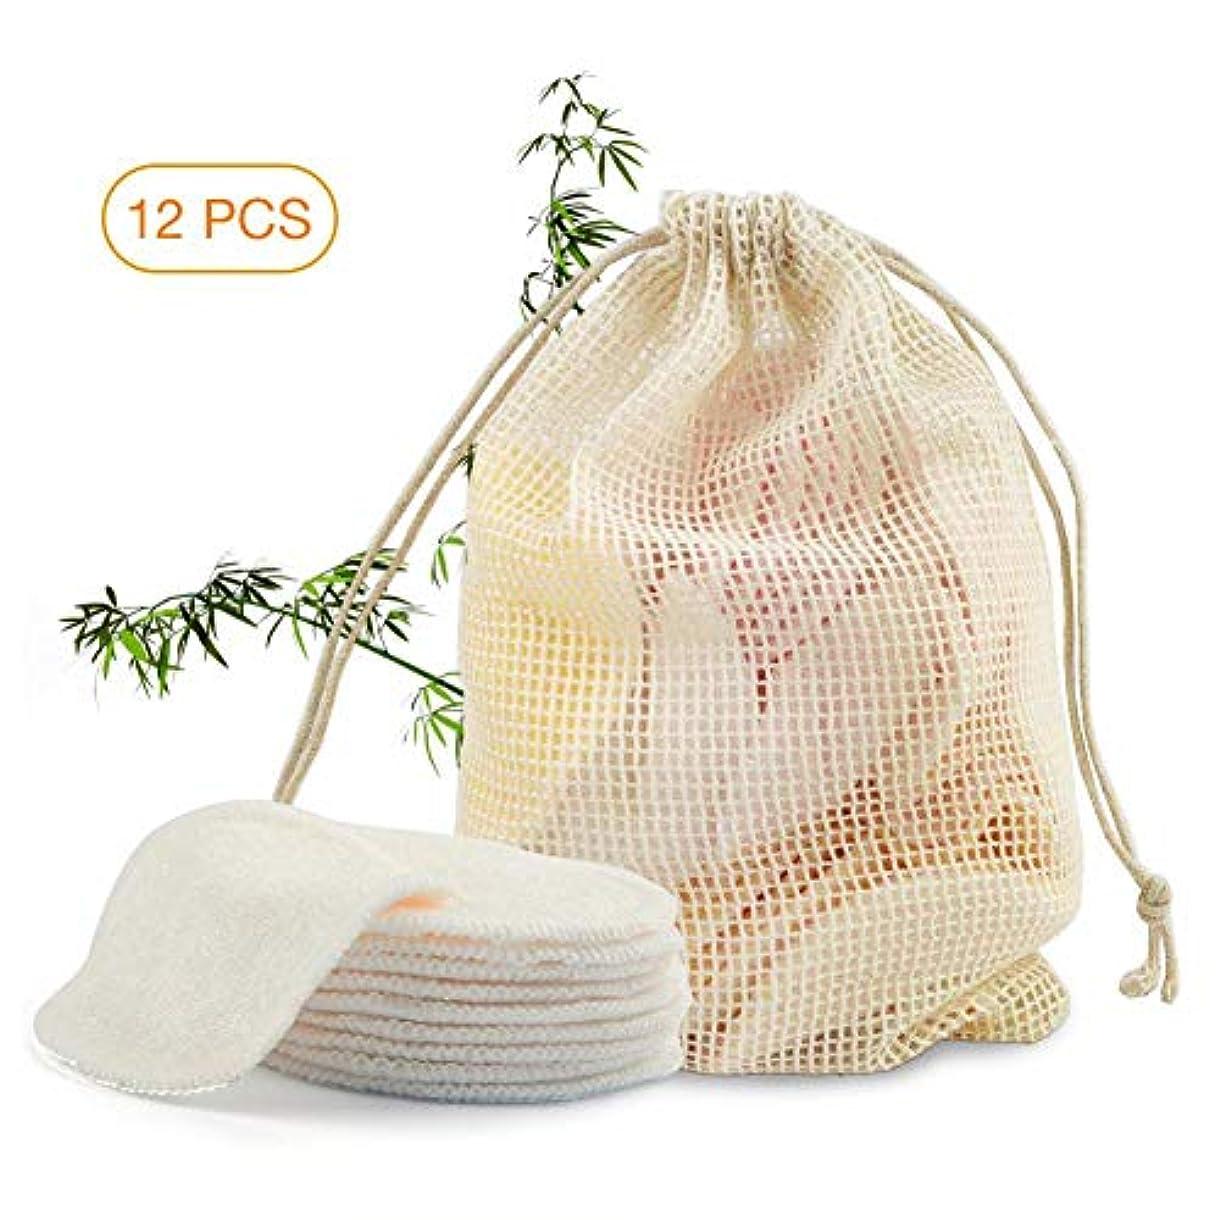 チャーミング少数ベルベットクレンジングシート 天然繊維素材 柔らかい バッグ付き 安全 非毒性 再利用可能 交換可能 旅行用